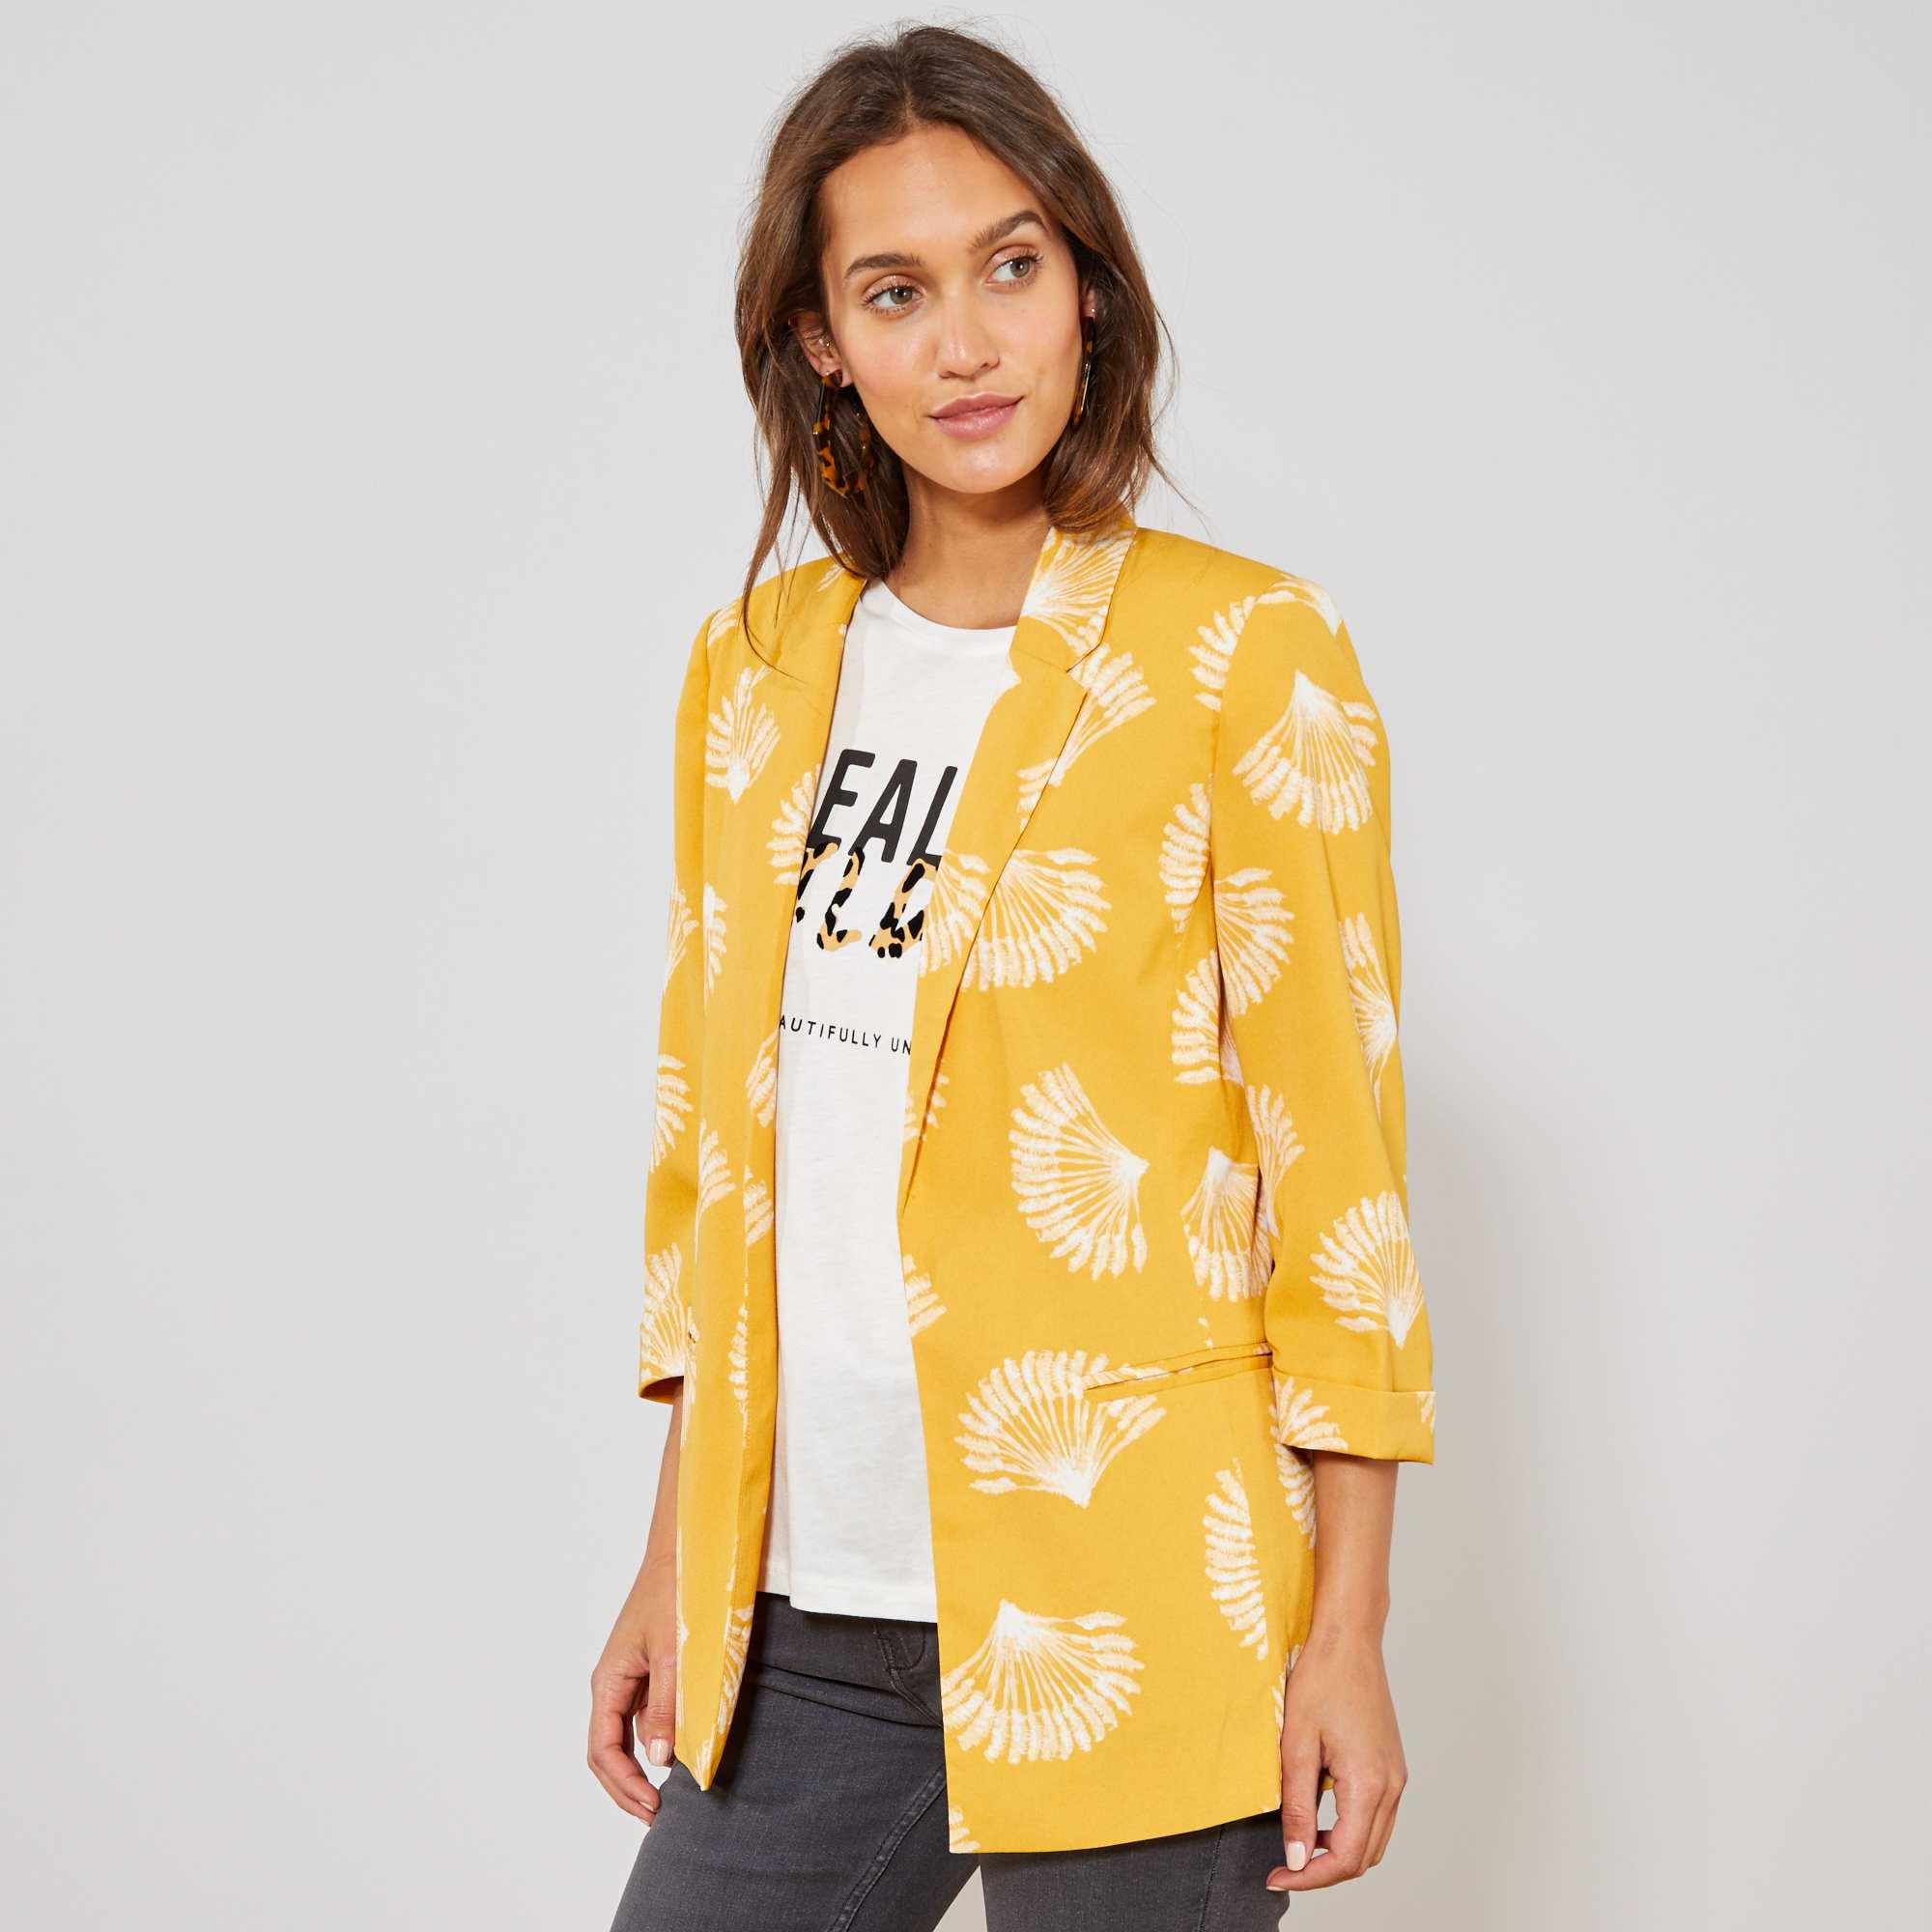 ac467b5f2bb78 Veste de tailleur imprimée Femme - jaune - Kiabi - 25,00€